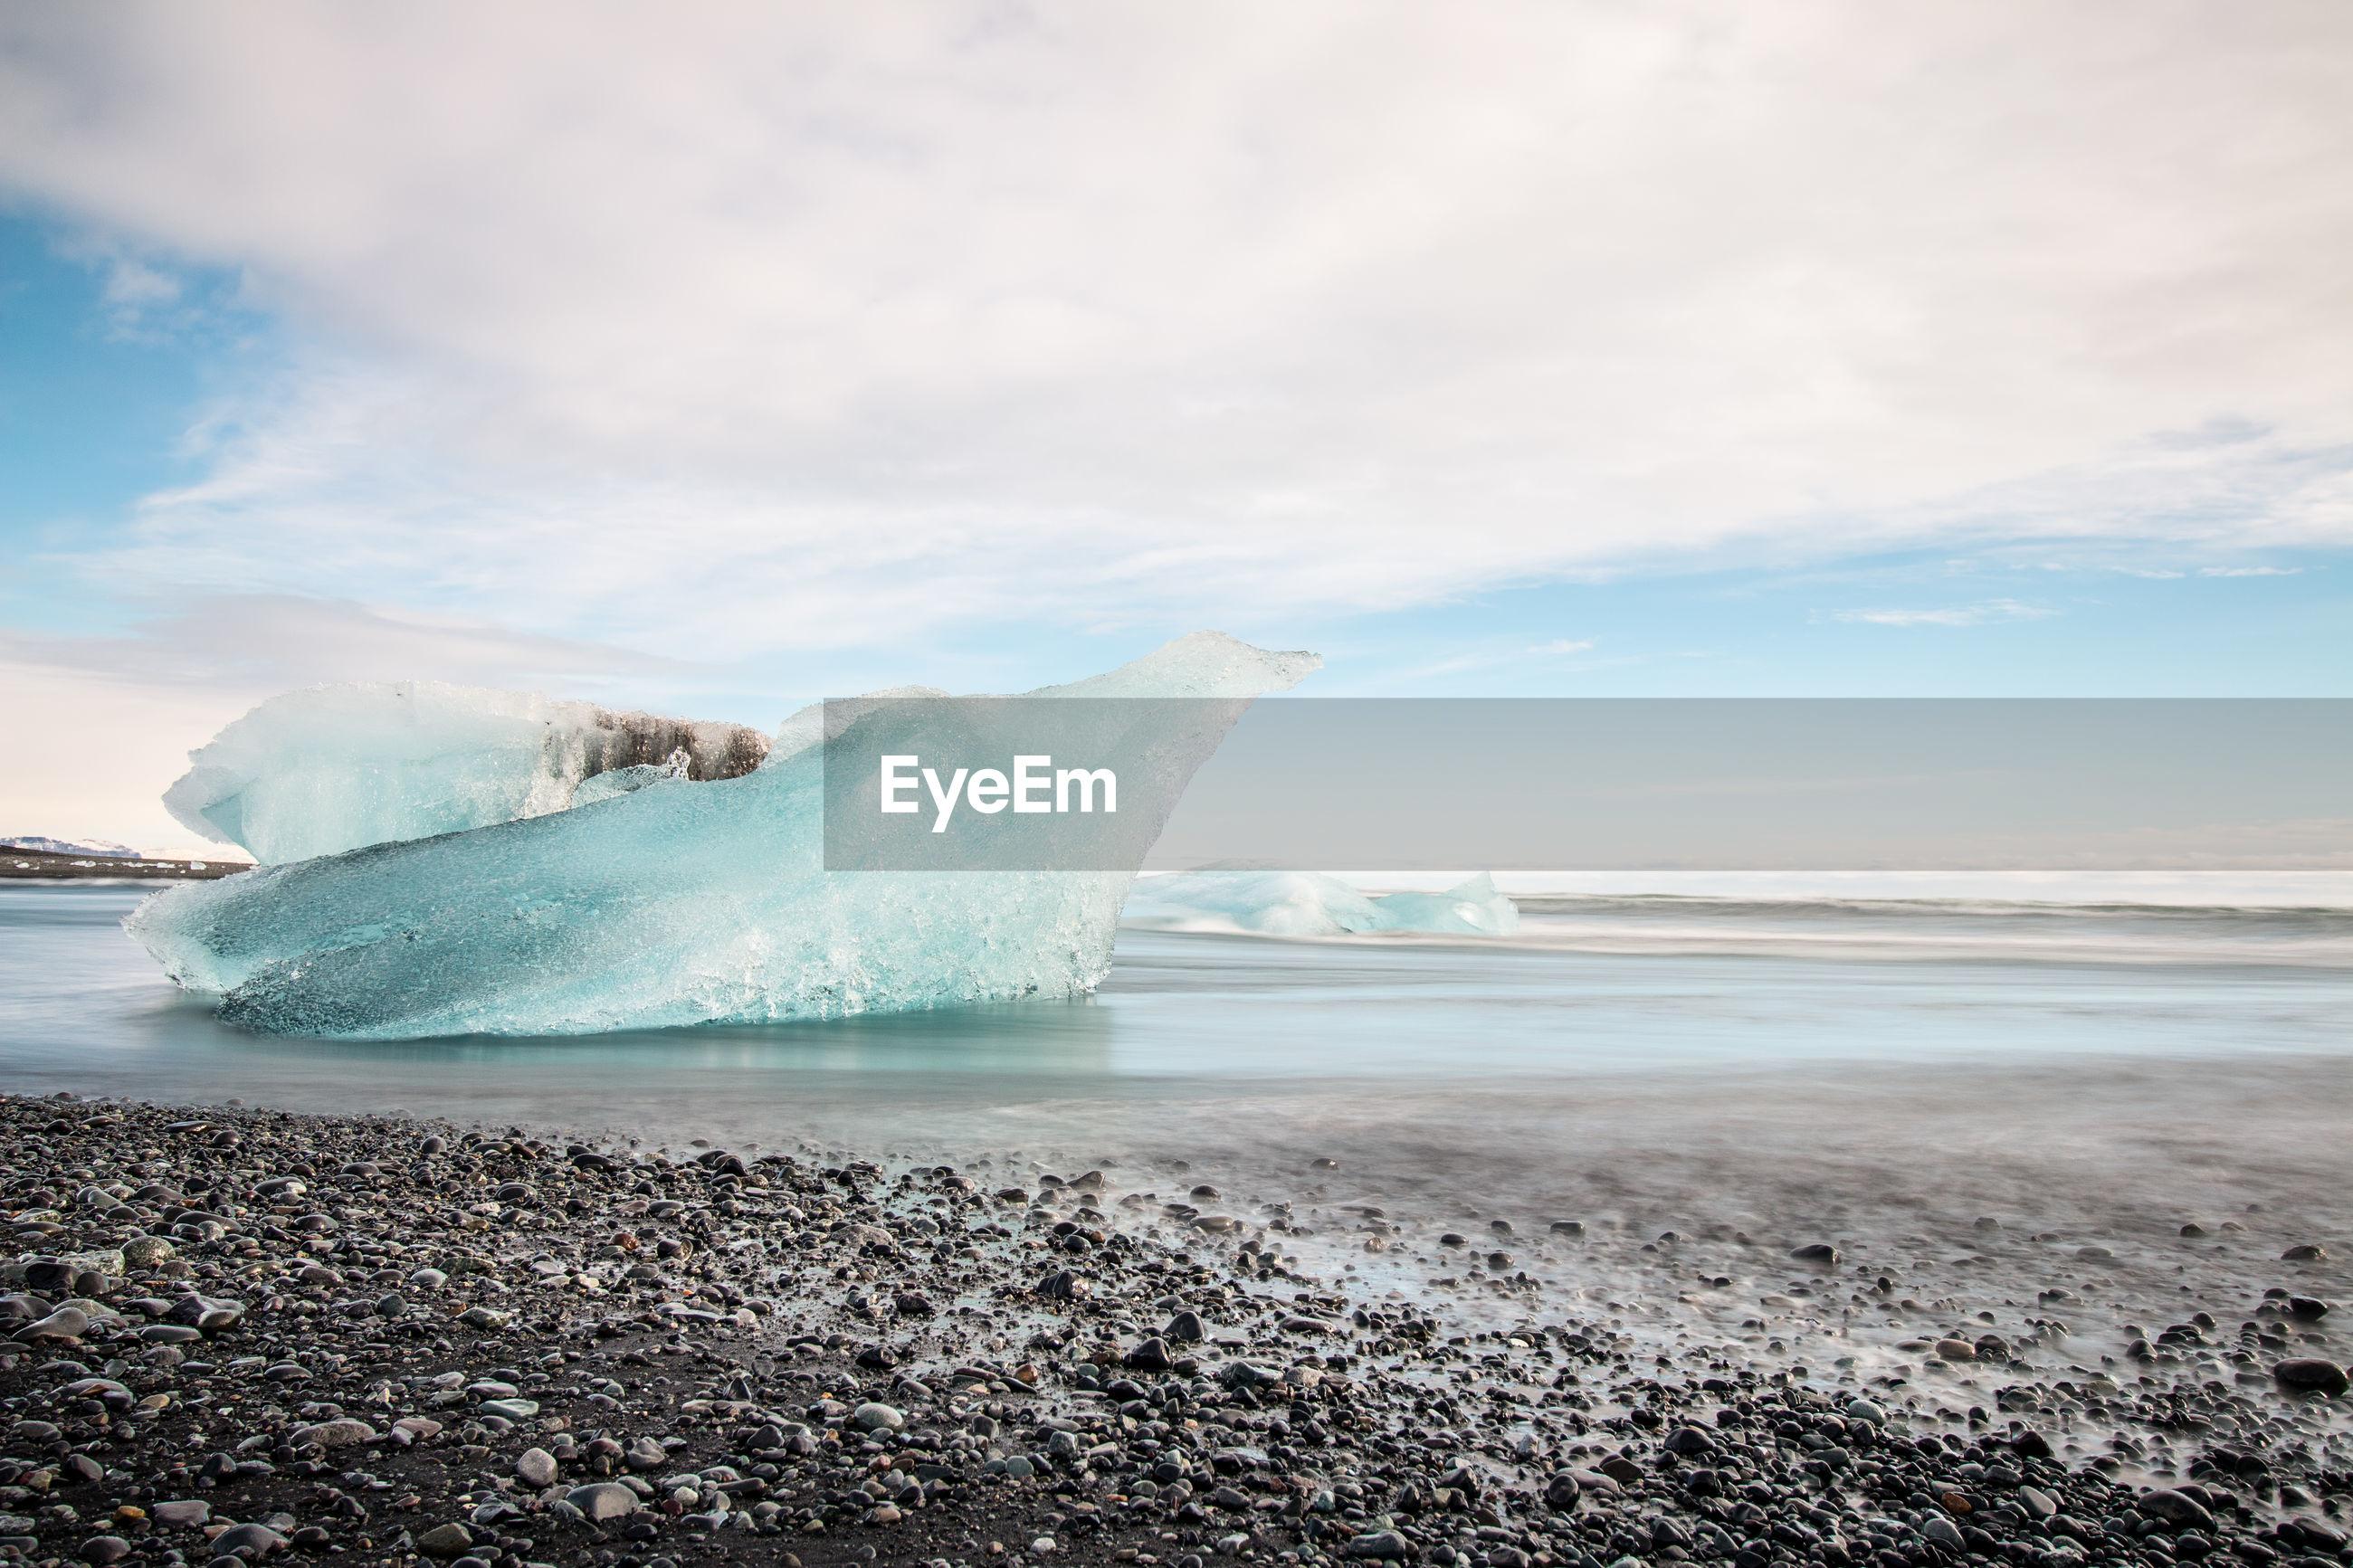 Icebergs at beach against cloudy sky